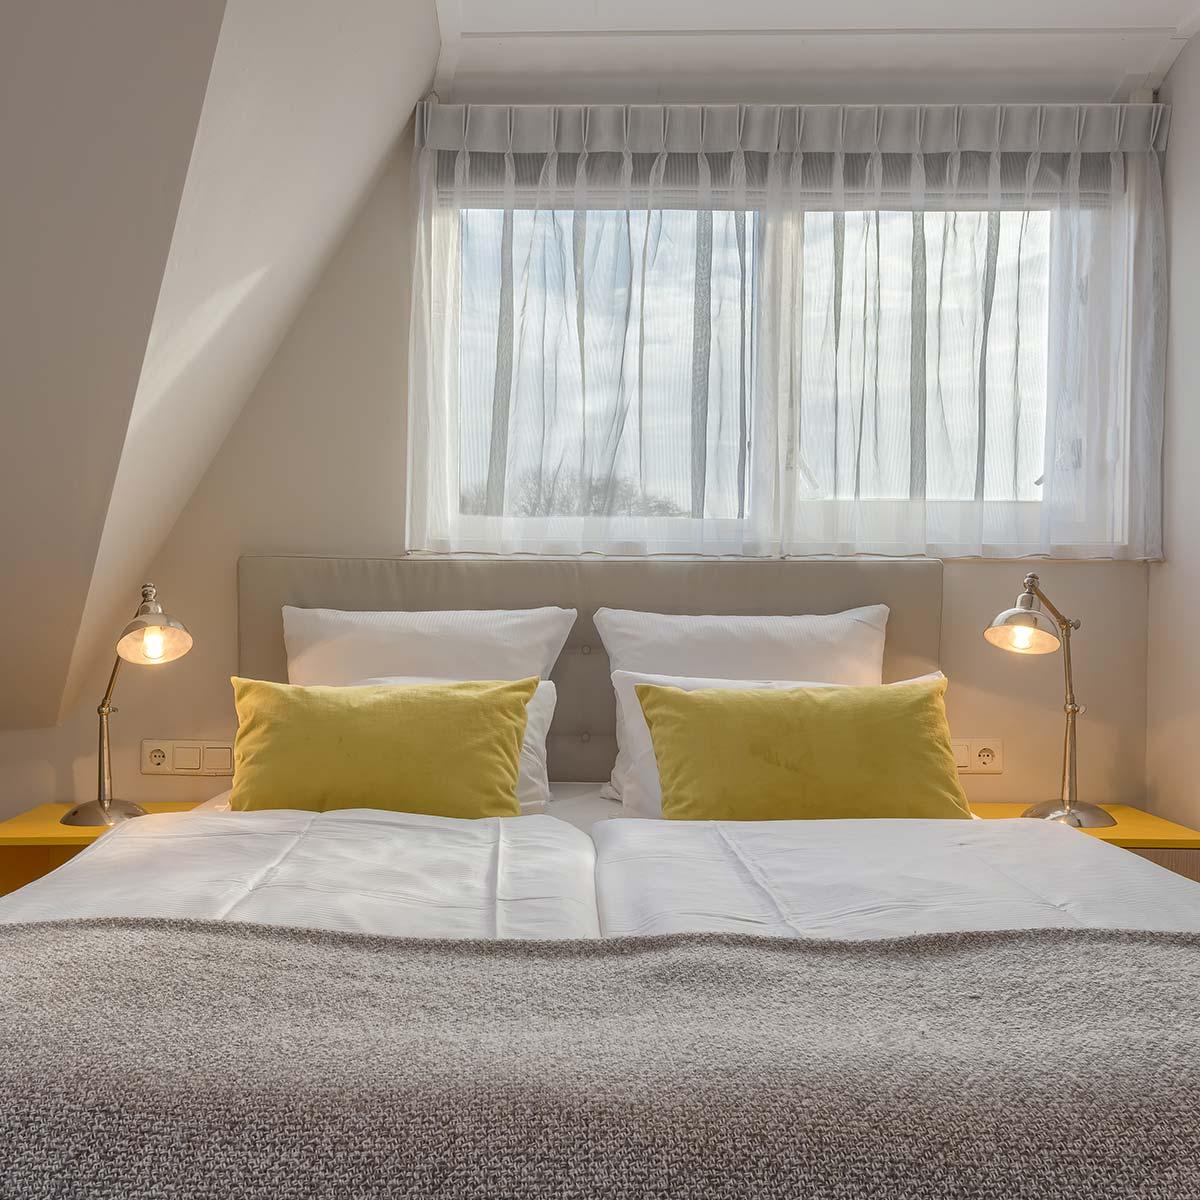 Hotelübernachtung auf Texel